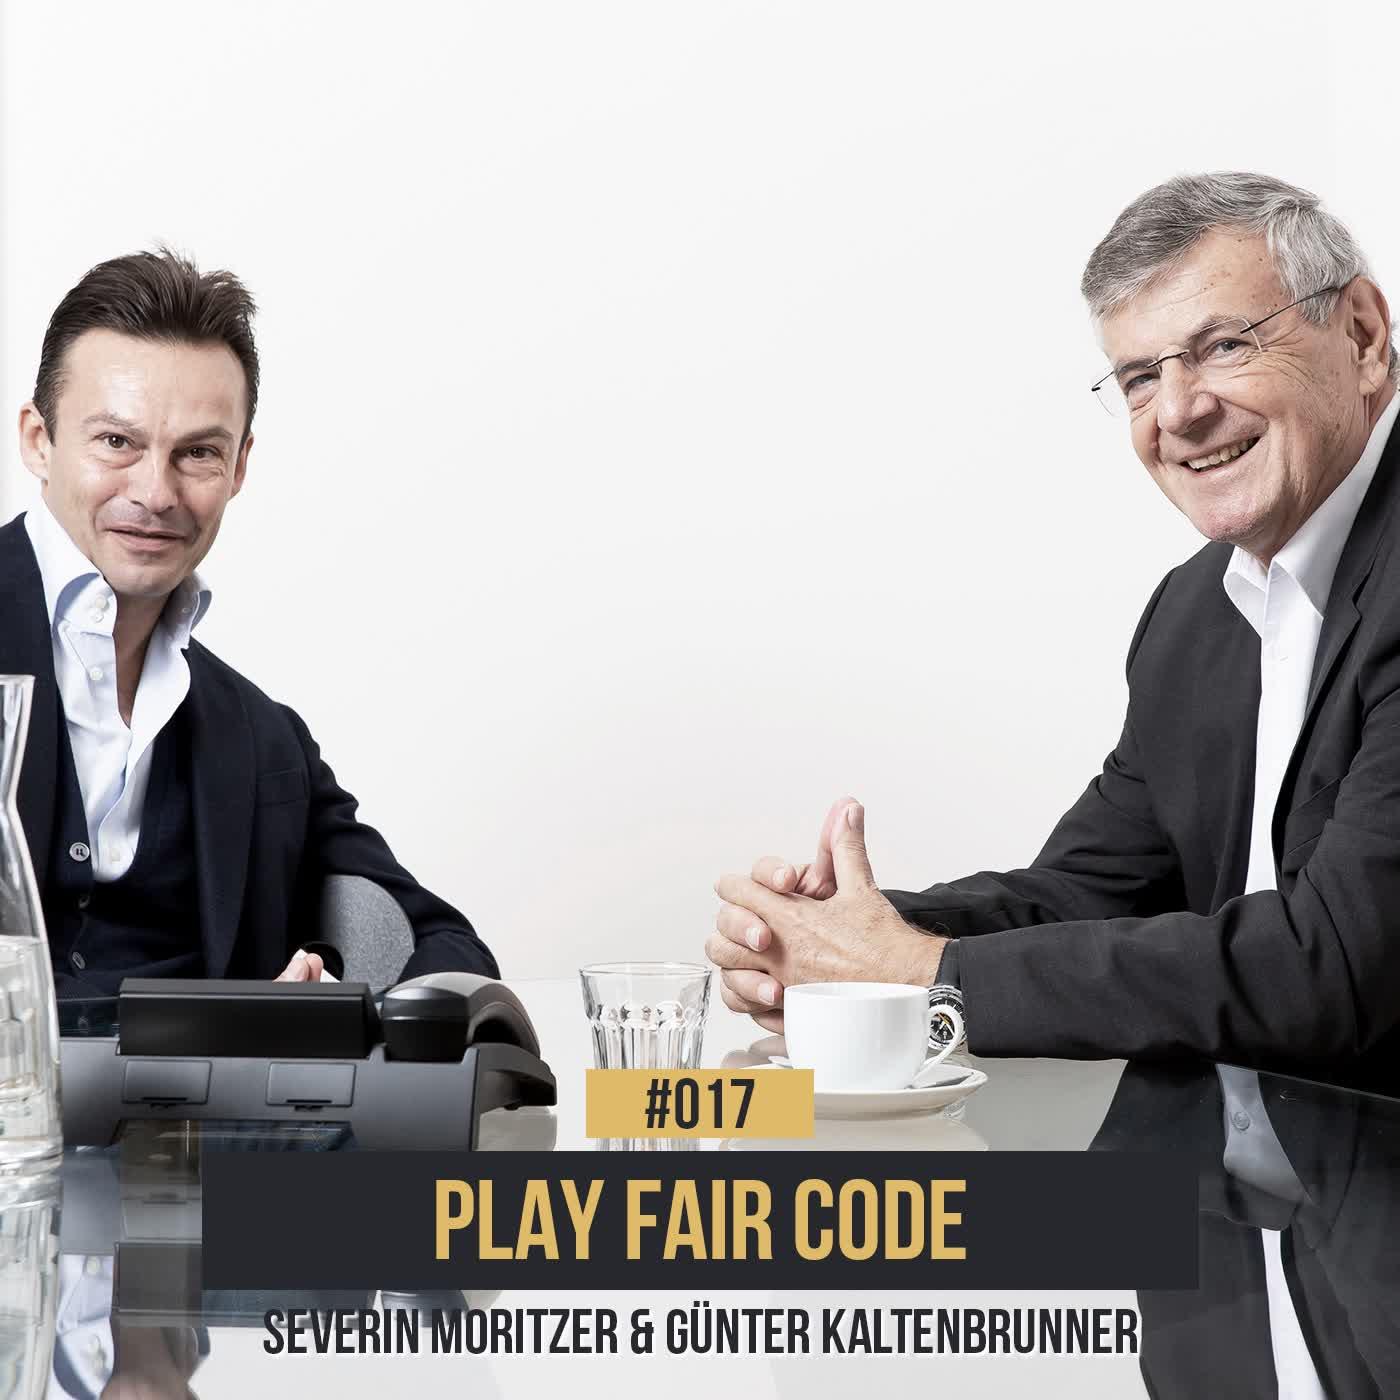 #017 Günter Kaltenbrunner und Severin Moritzer: Integrität gewinnt.